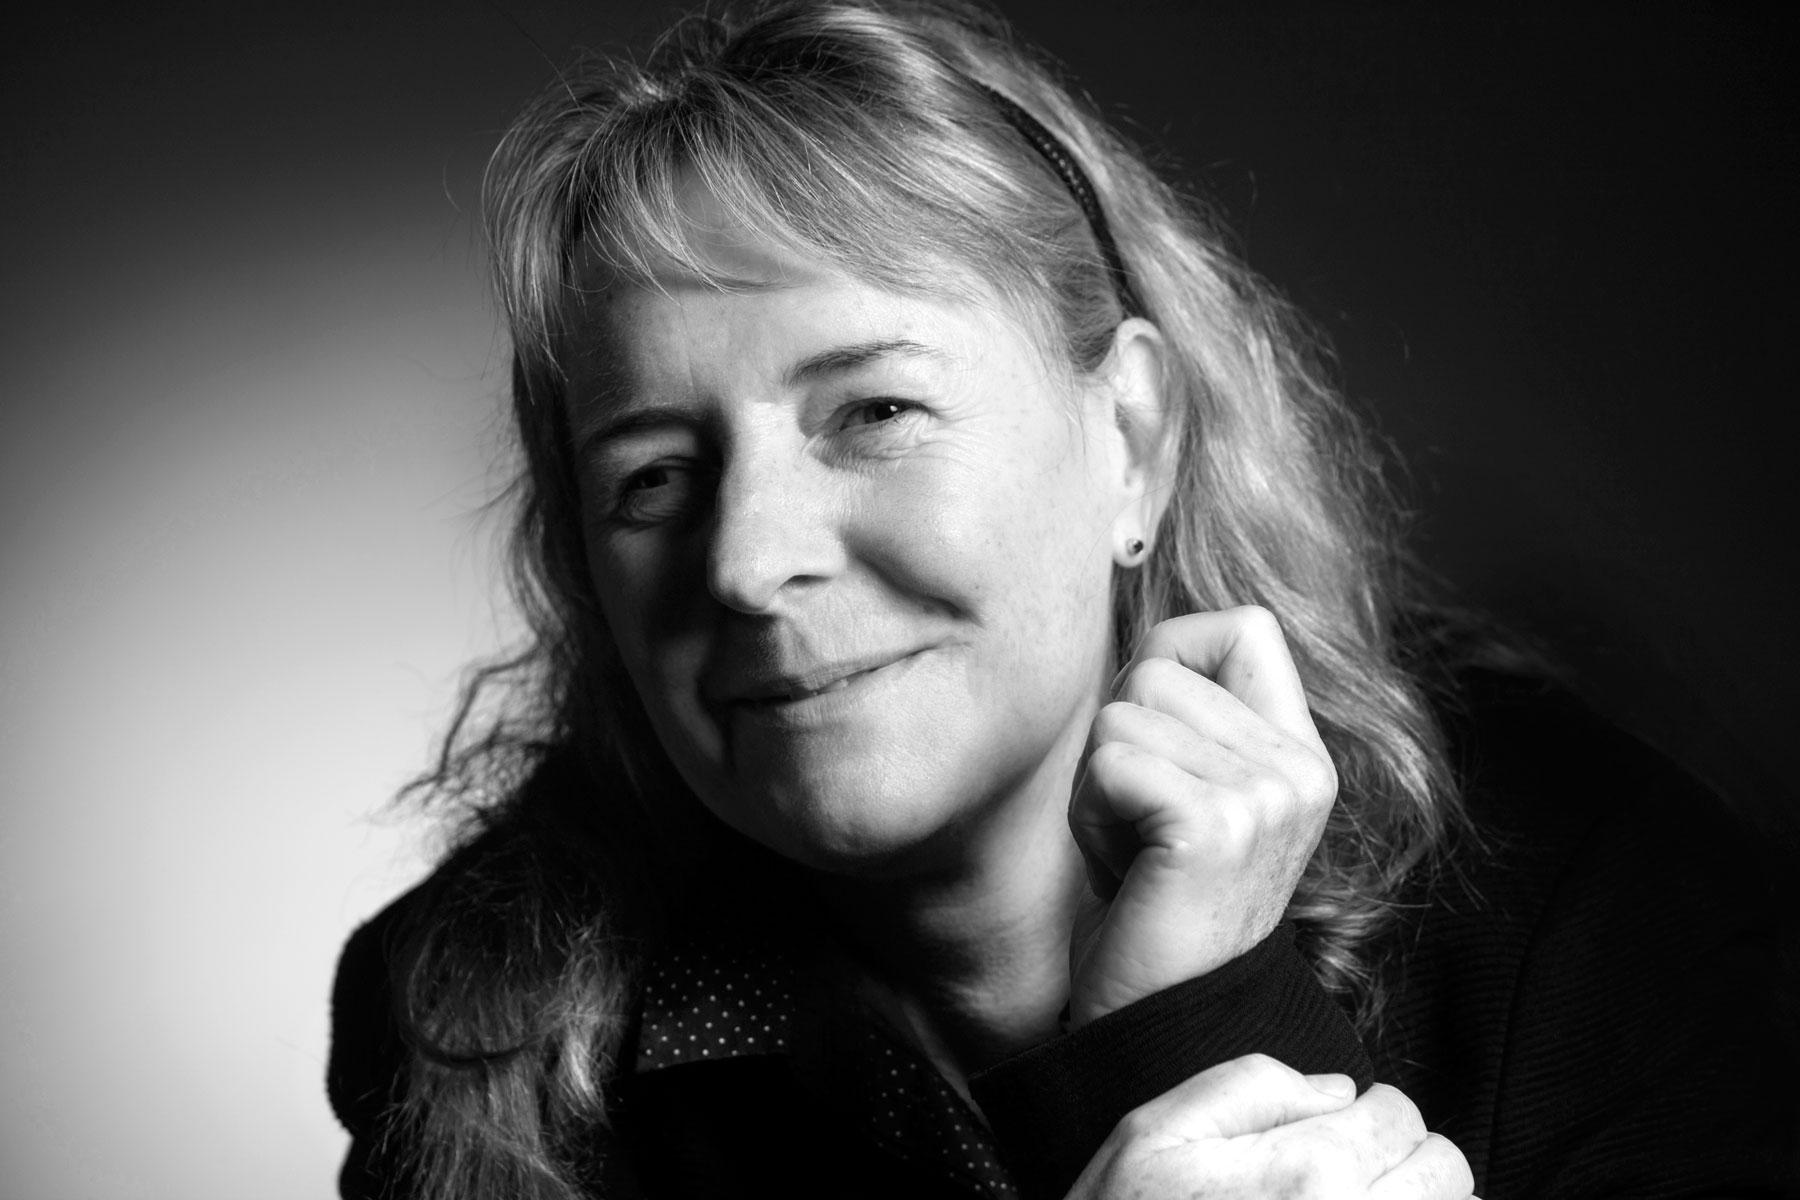 Manuela Küchenmeister